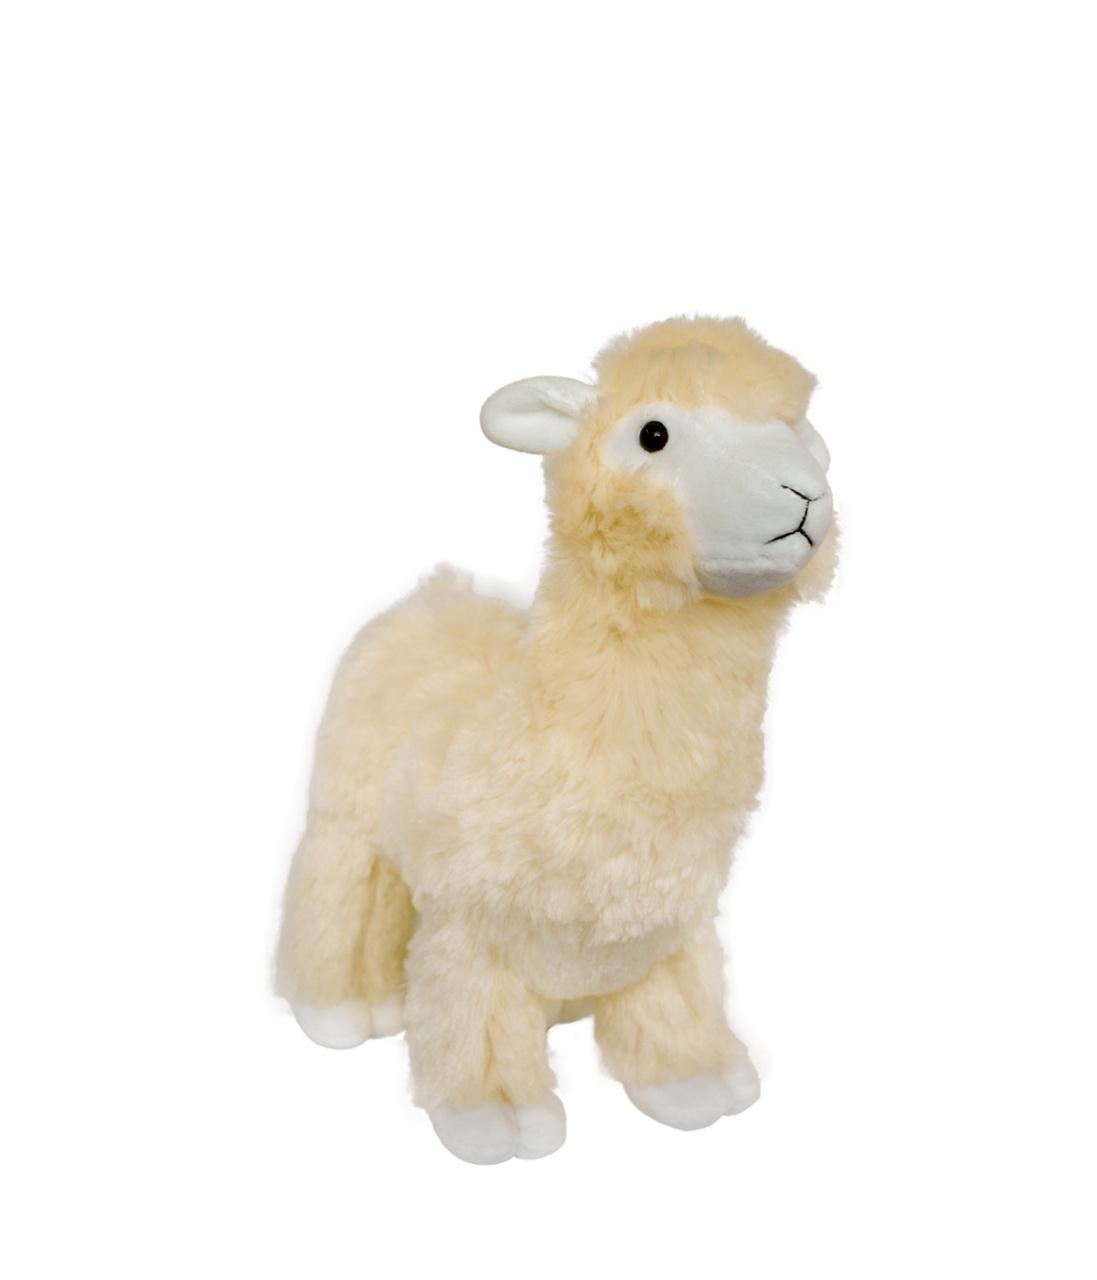 Plüschfigur Franky das Lama beige 28 cm